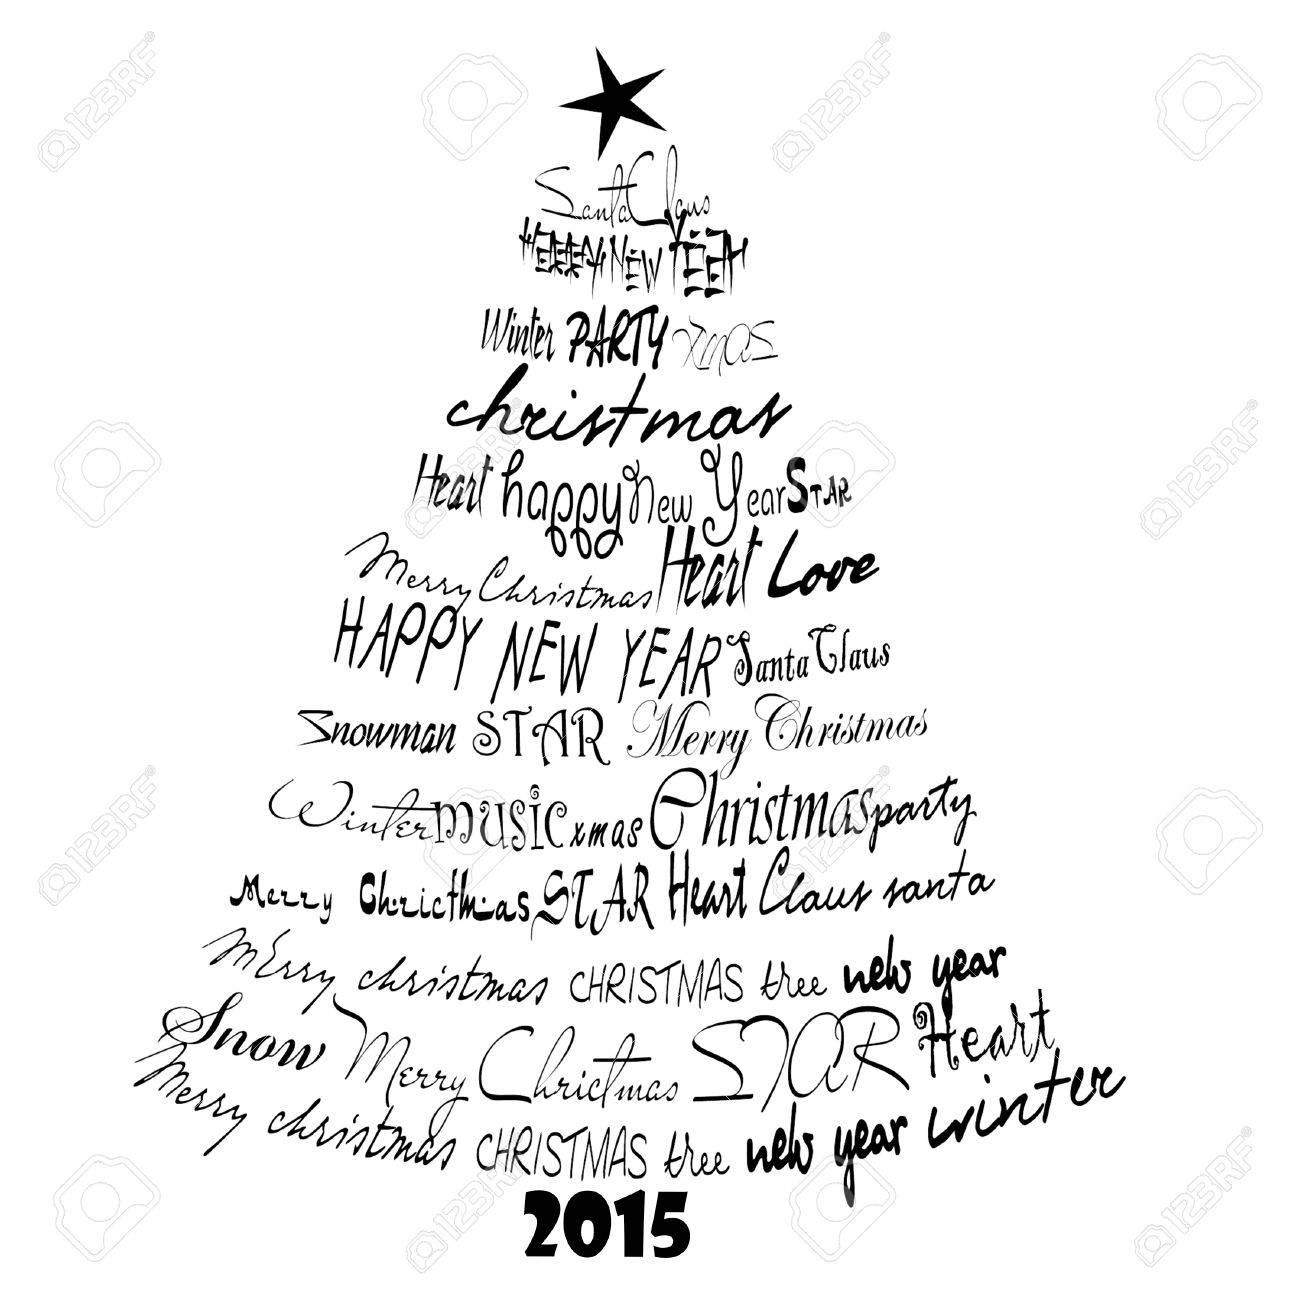 Christmas Card 2015. Abstract Font Christmas Tree. Stock Photo ...